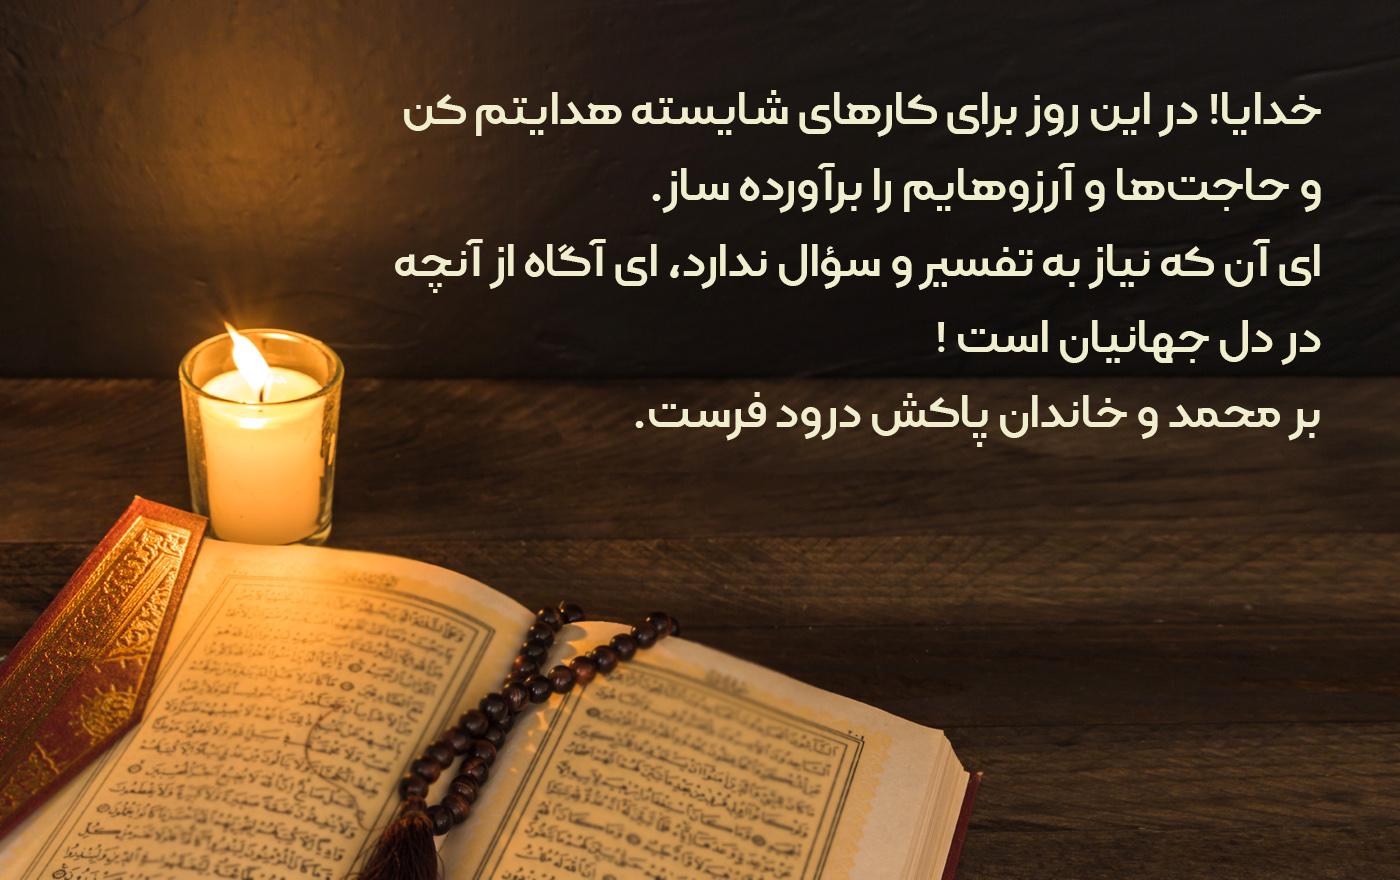 شرح دعای روز هفدهم ماه مبارک رمضان